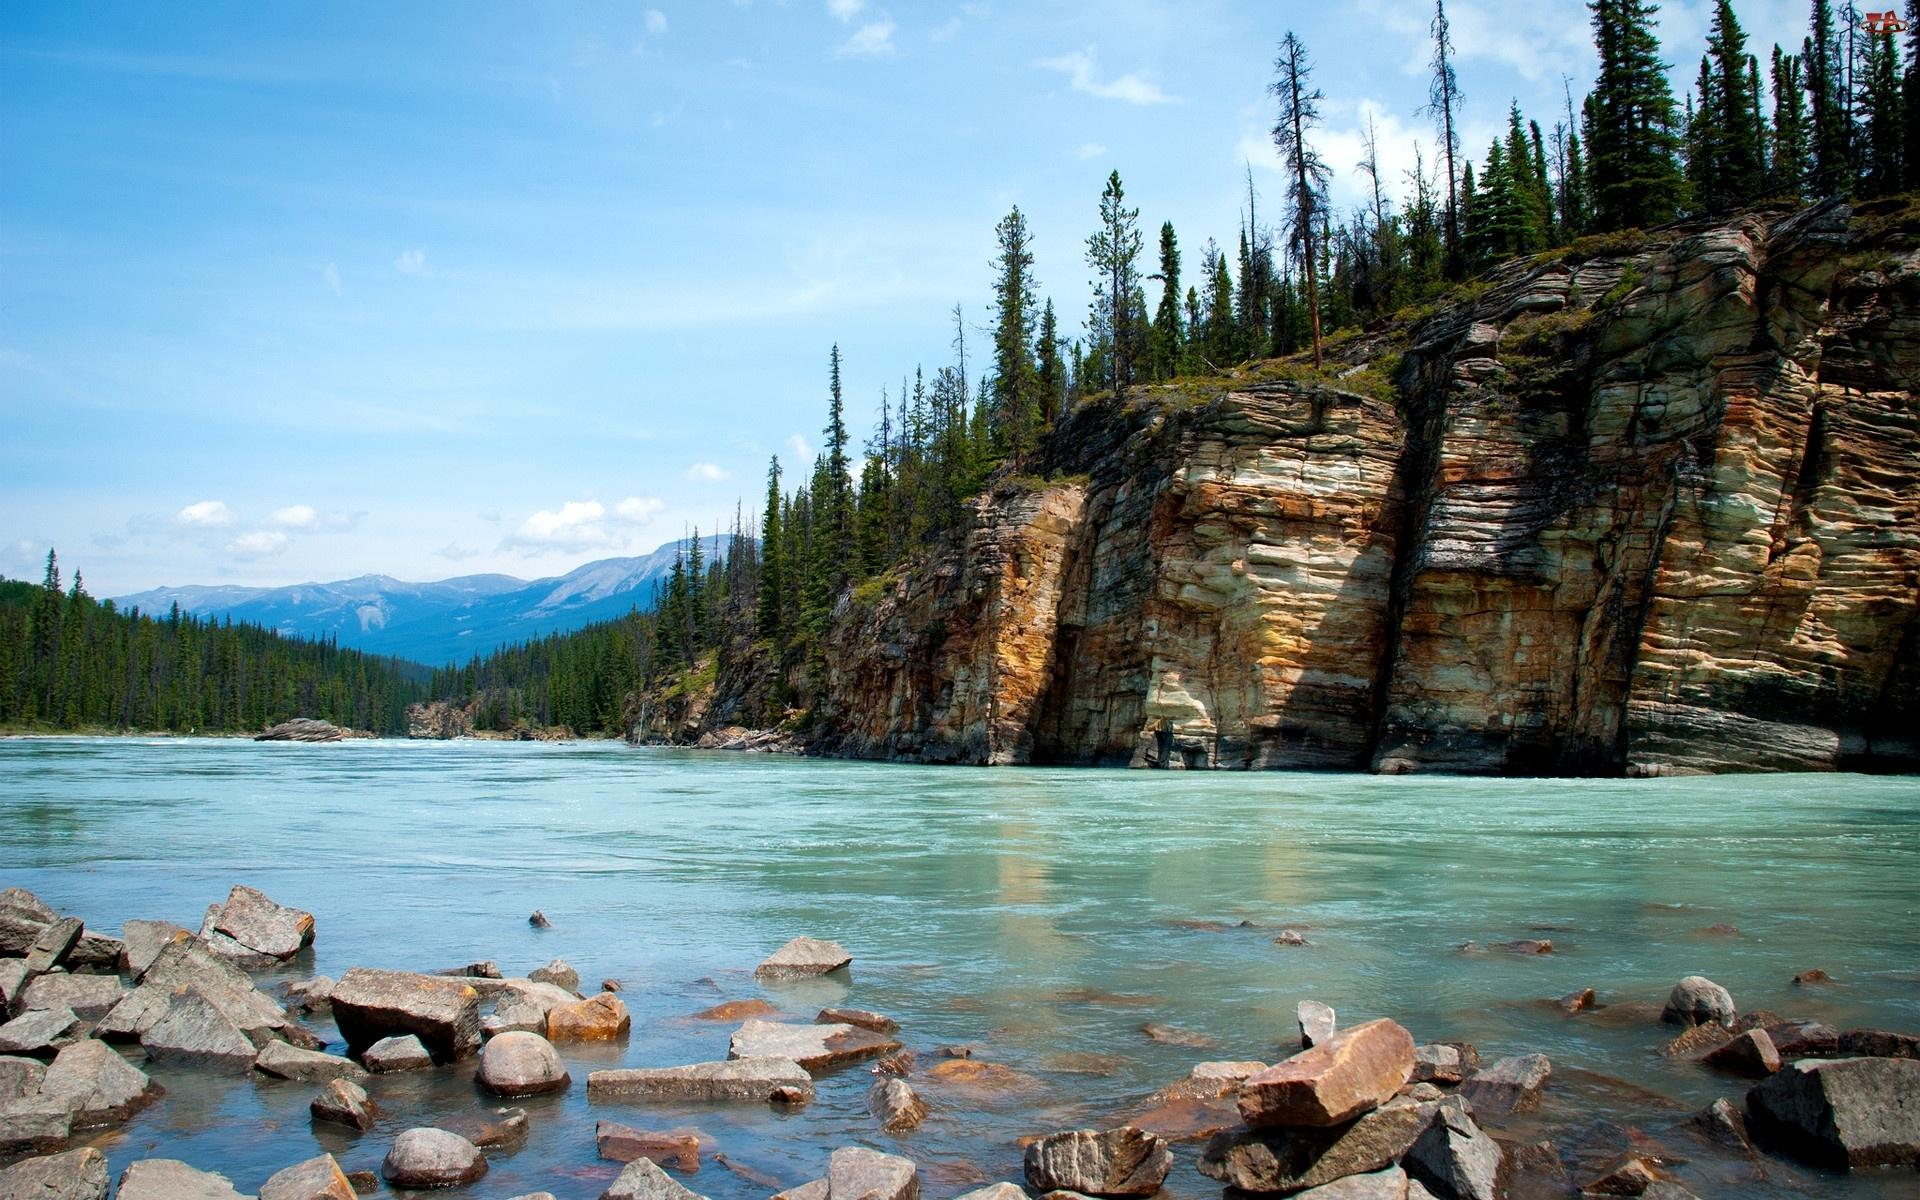 Góry, Rzeka, Lasy, Skały